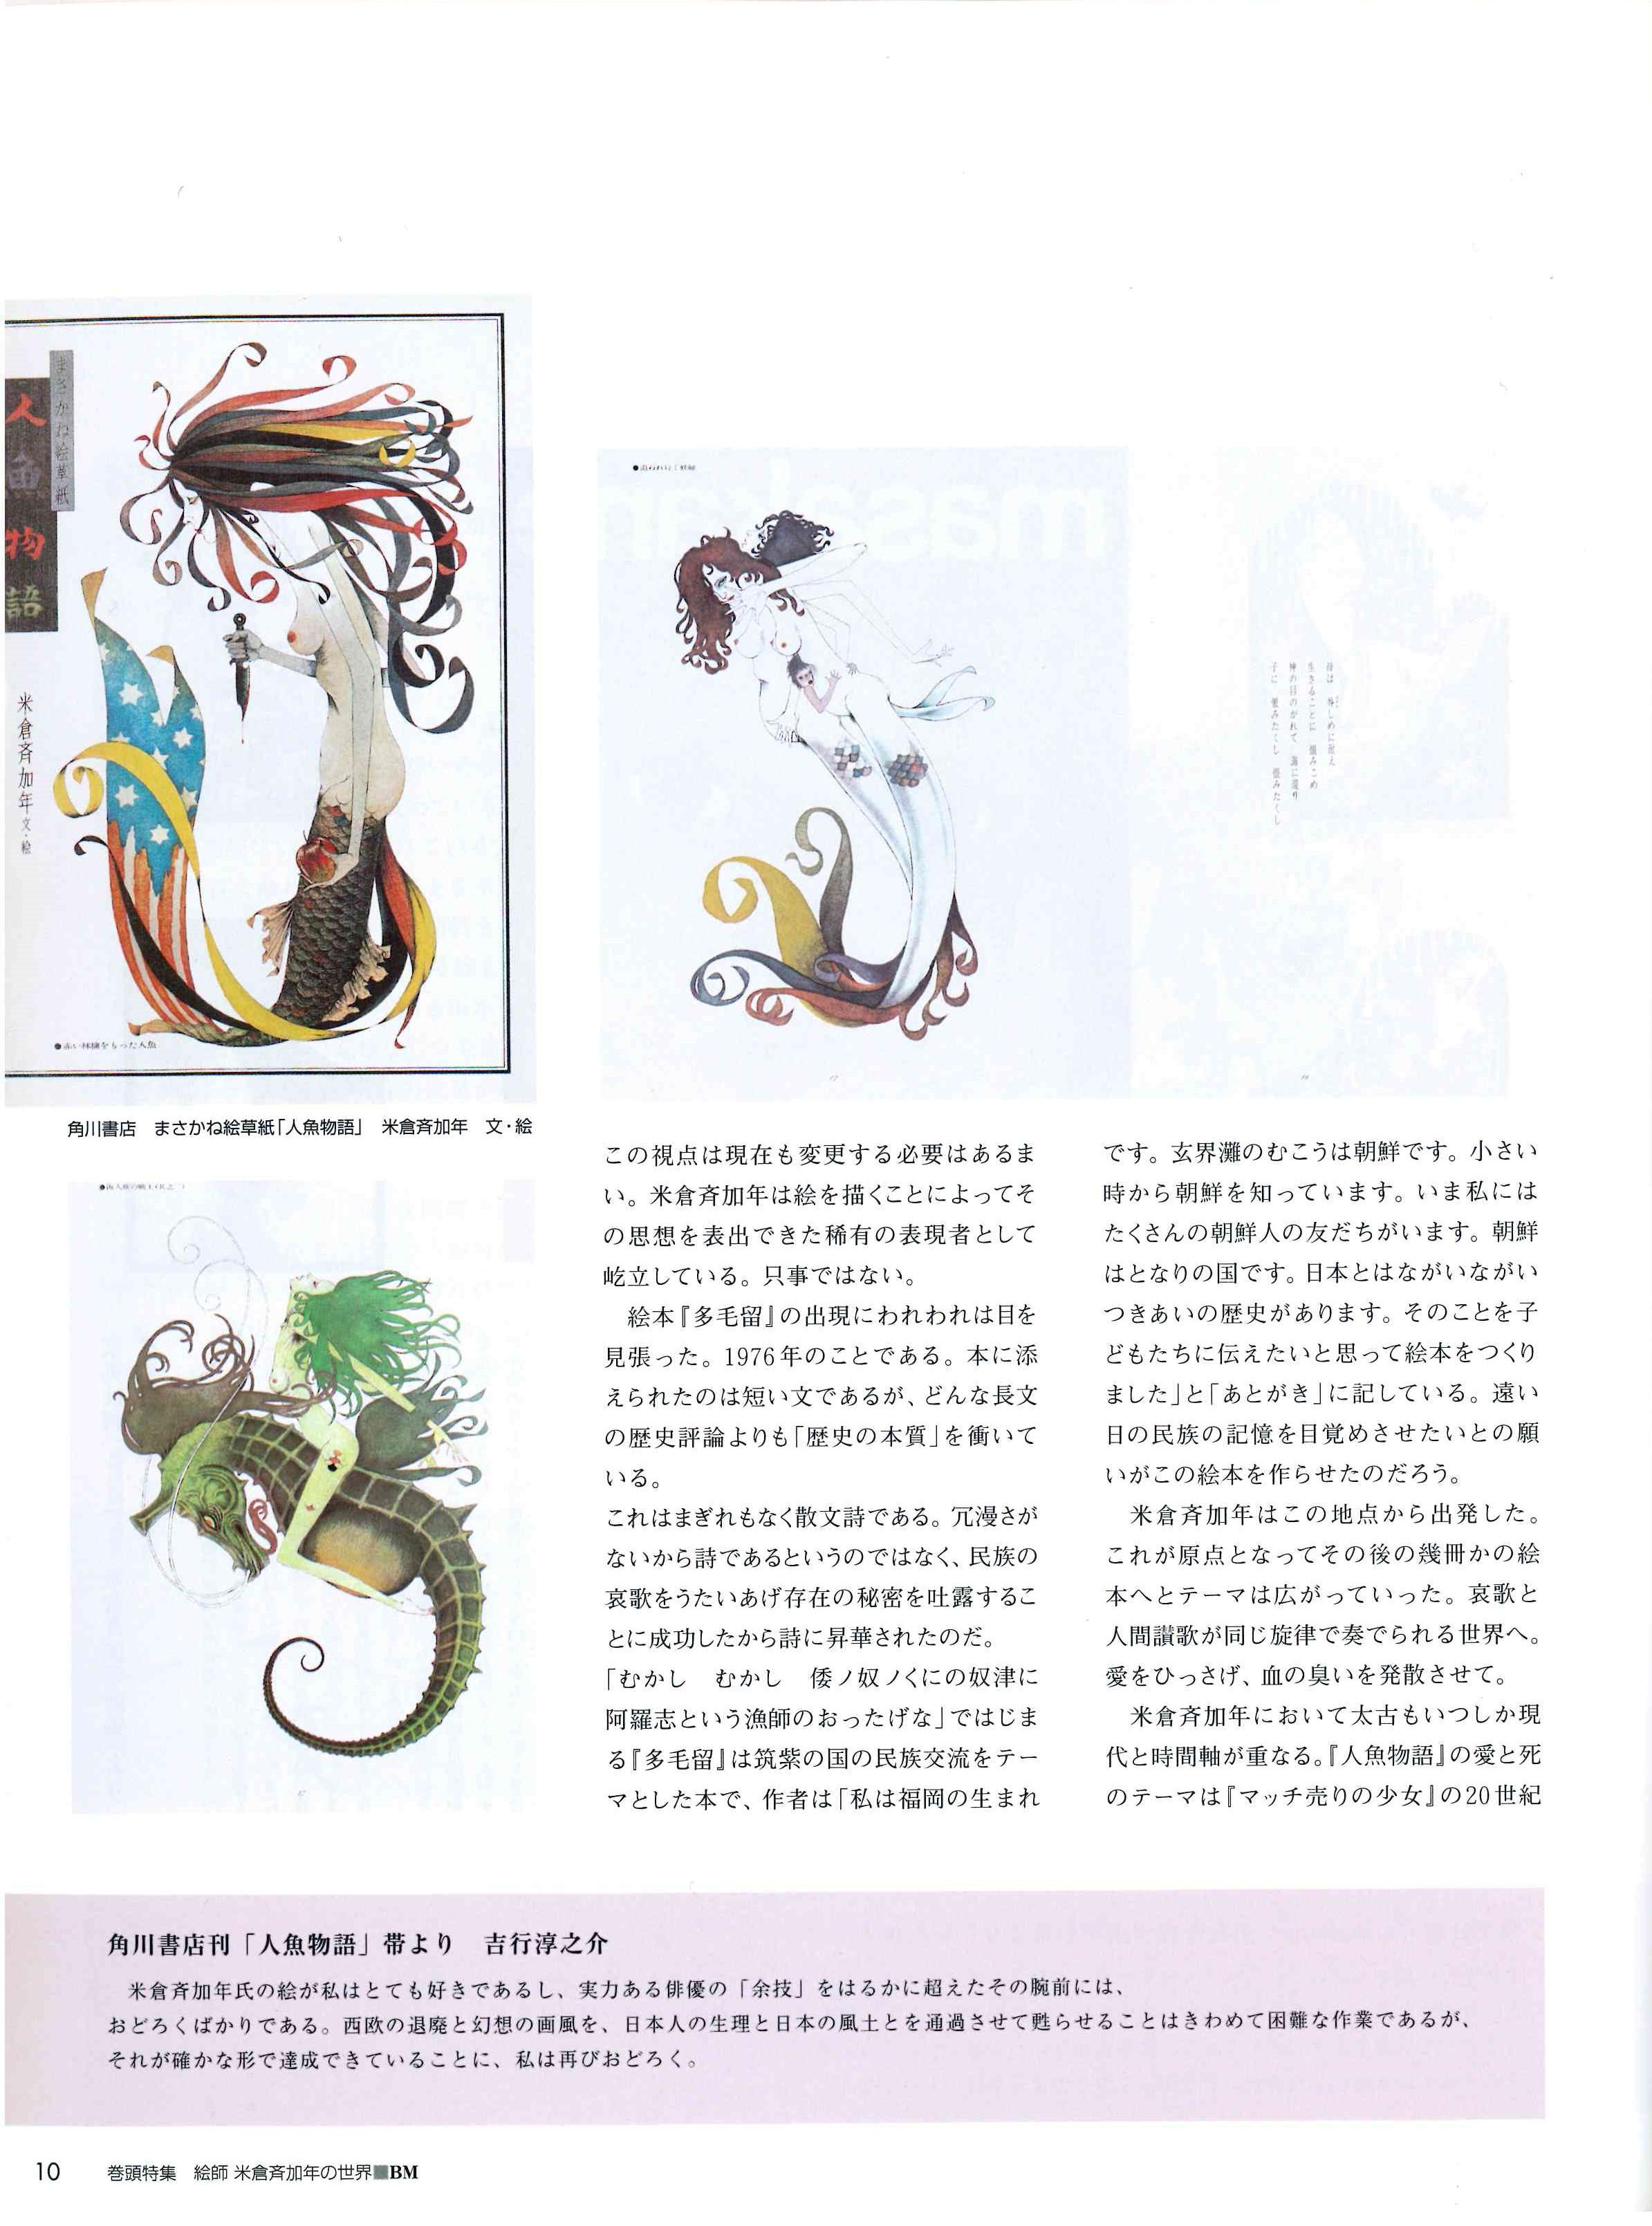 BM-美術の杜 vol.10 | 2006.10 - 6